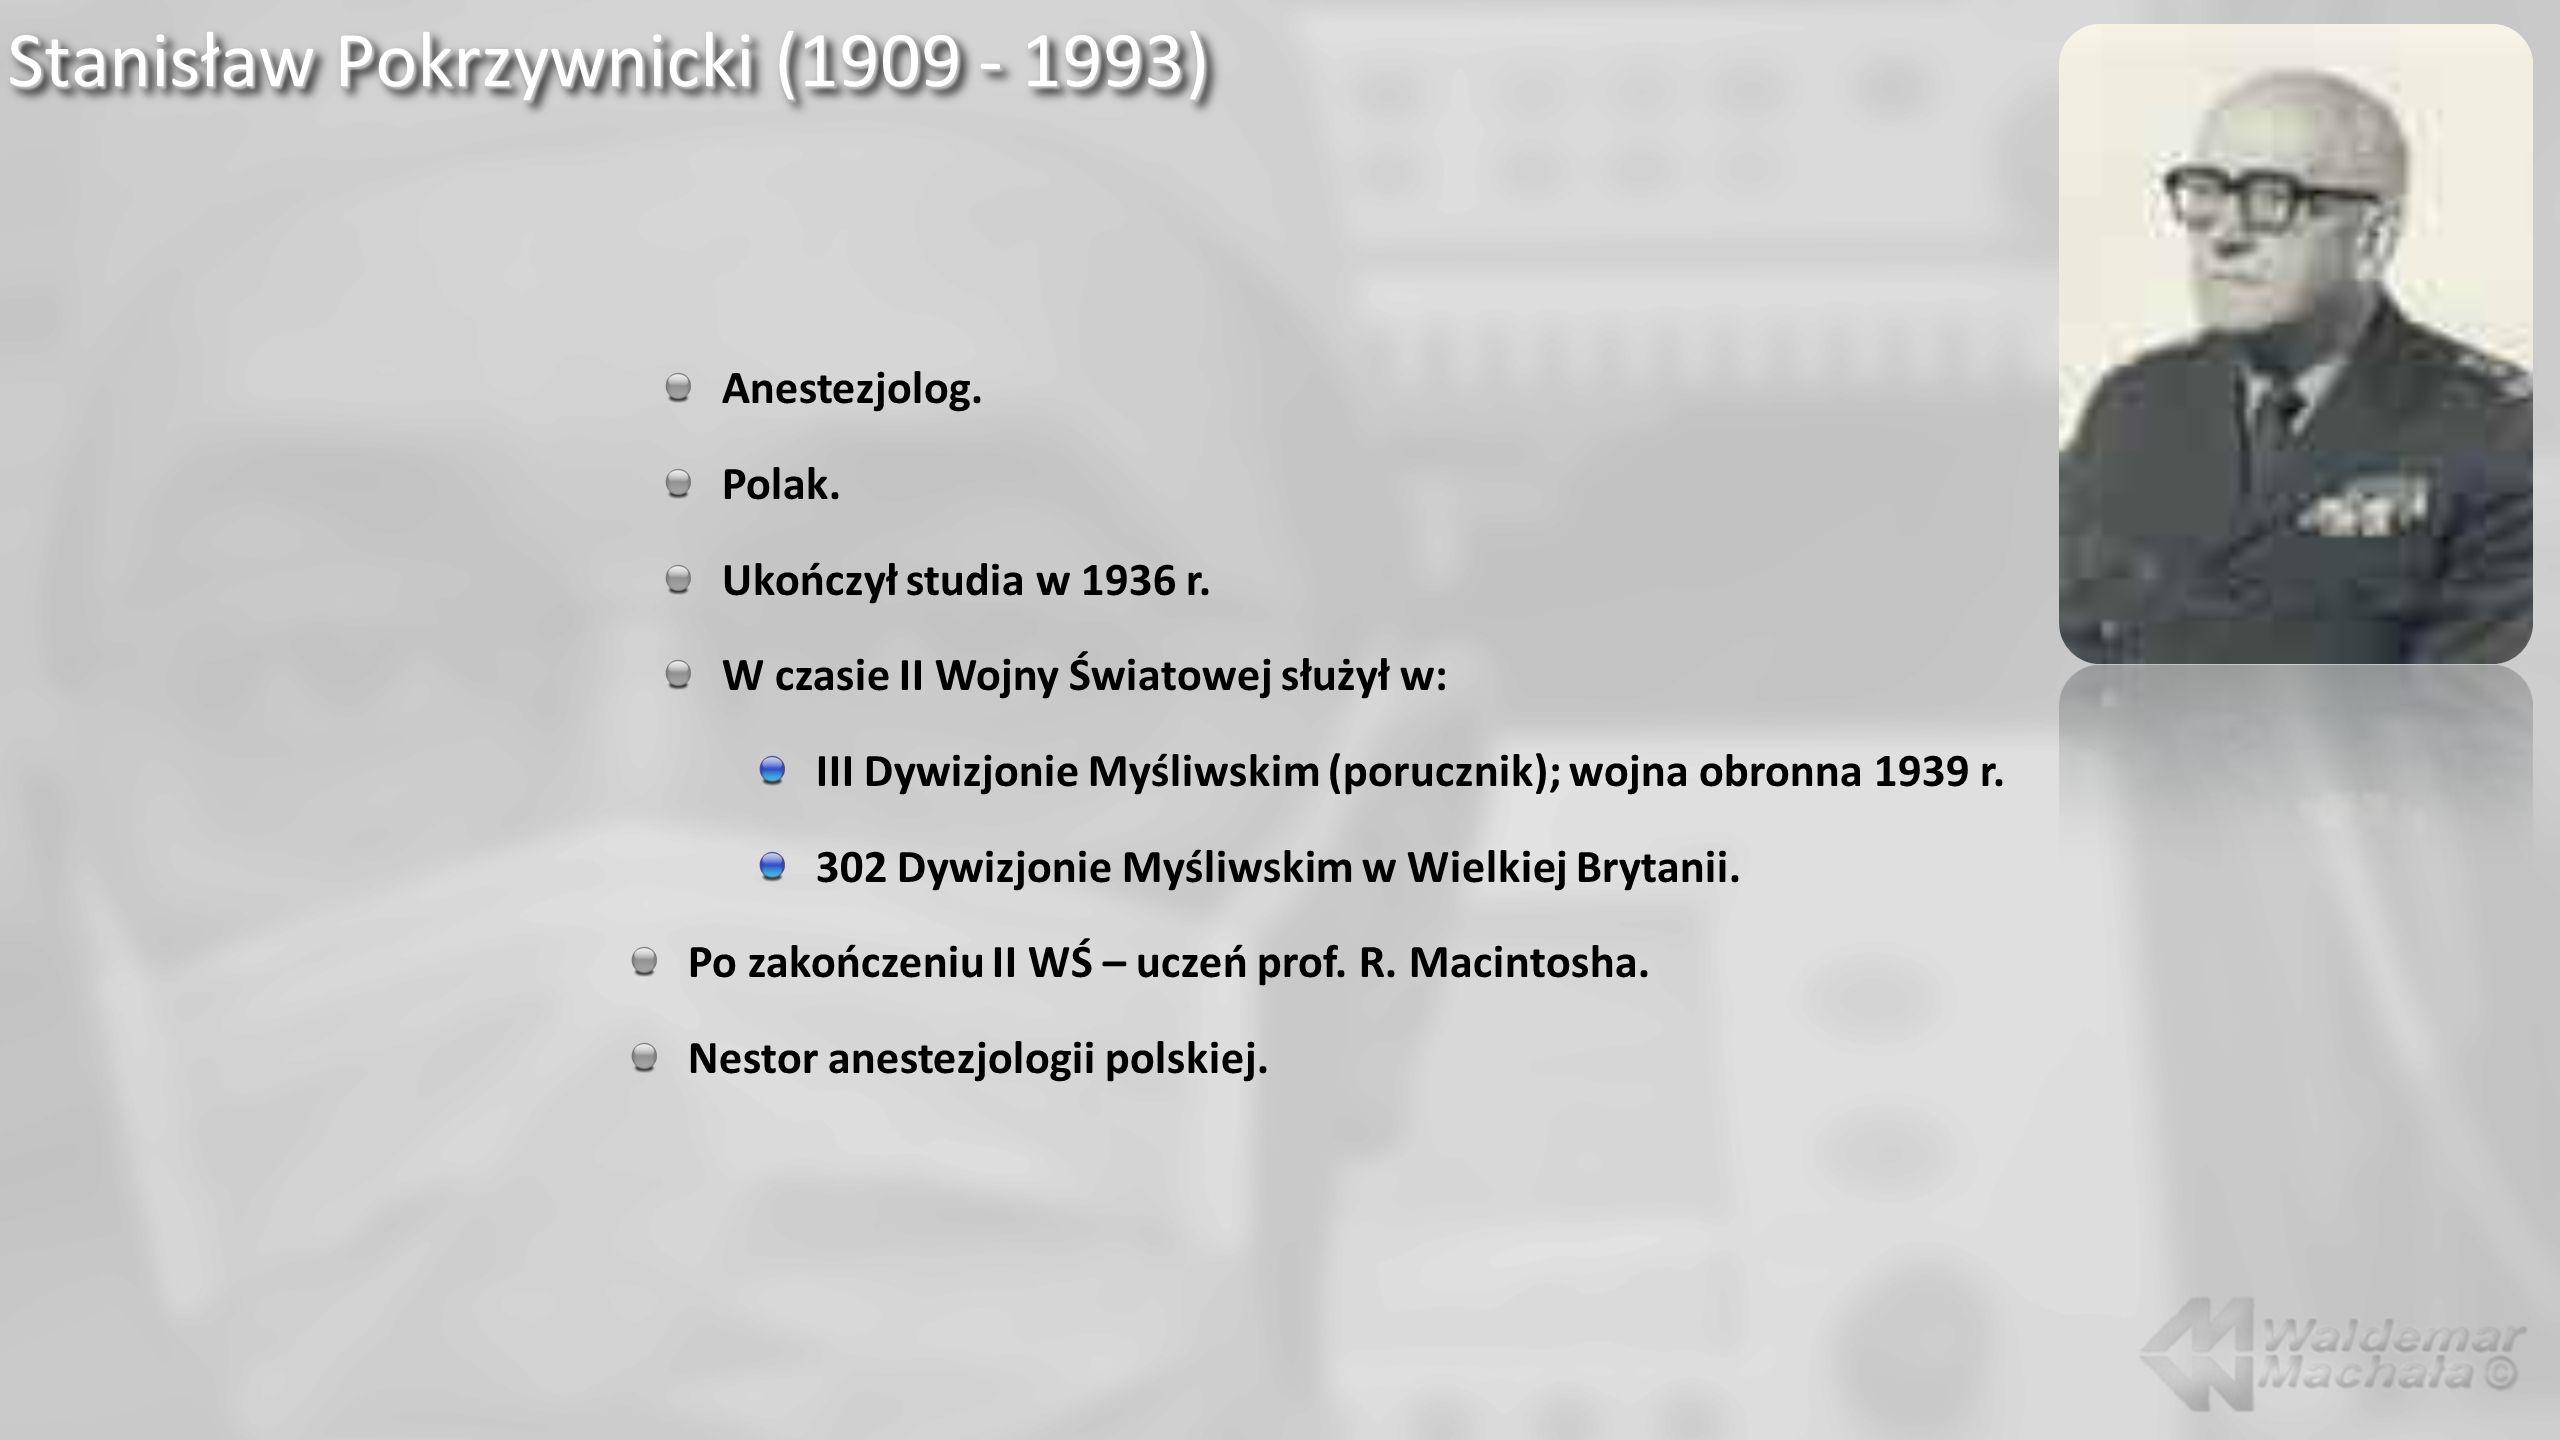 Stanisław Pokrzywnicki (1909 - 1993)